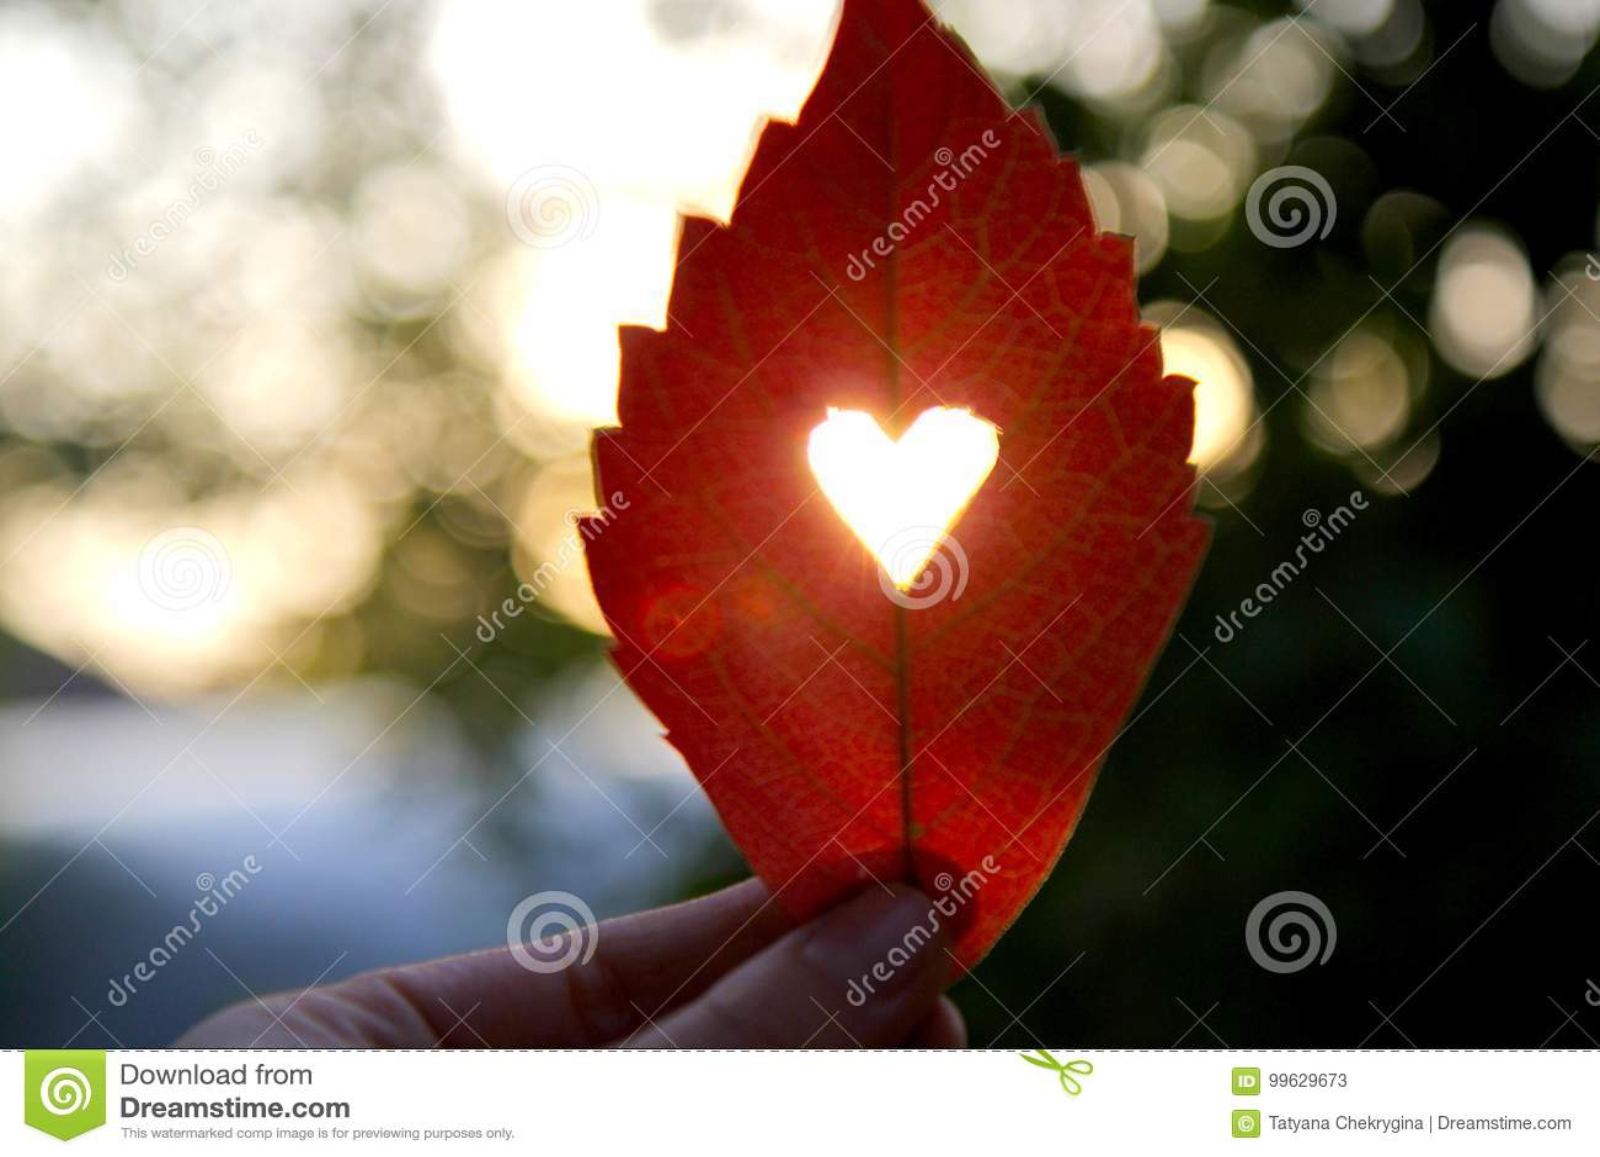 Rött blad för höst med klippt hjärta i en hand